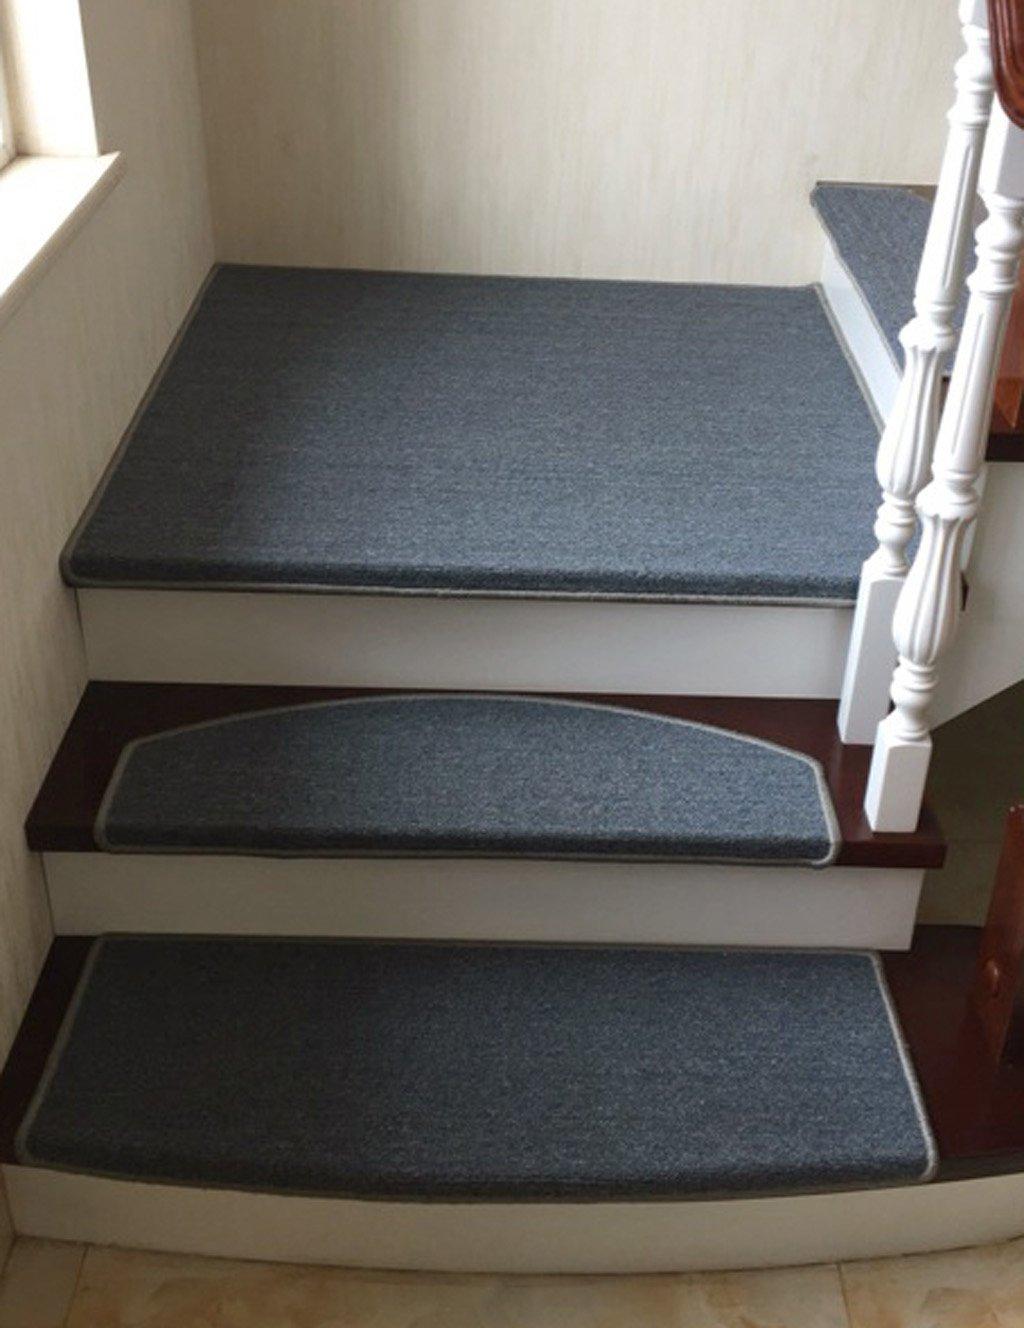 Beeindruckend Treppen Teppich Modern Ideen Von Concept.de: Treppe Stufenmatten 5er Sparset ,treppen Teppich,